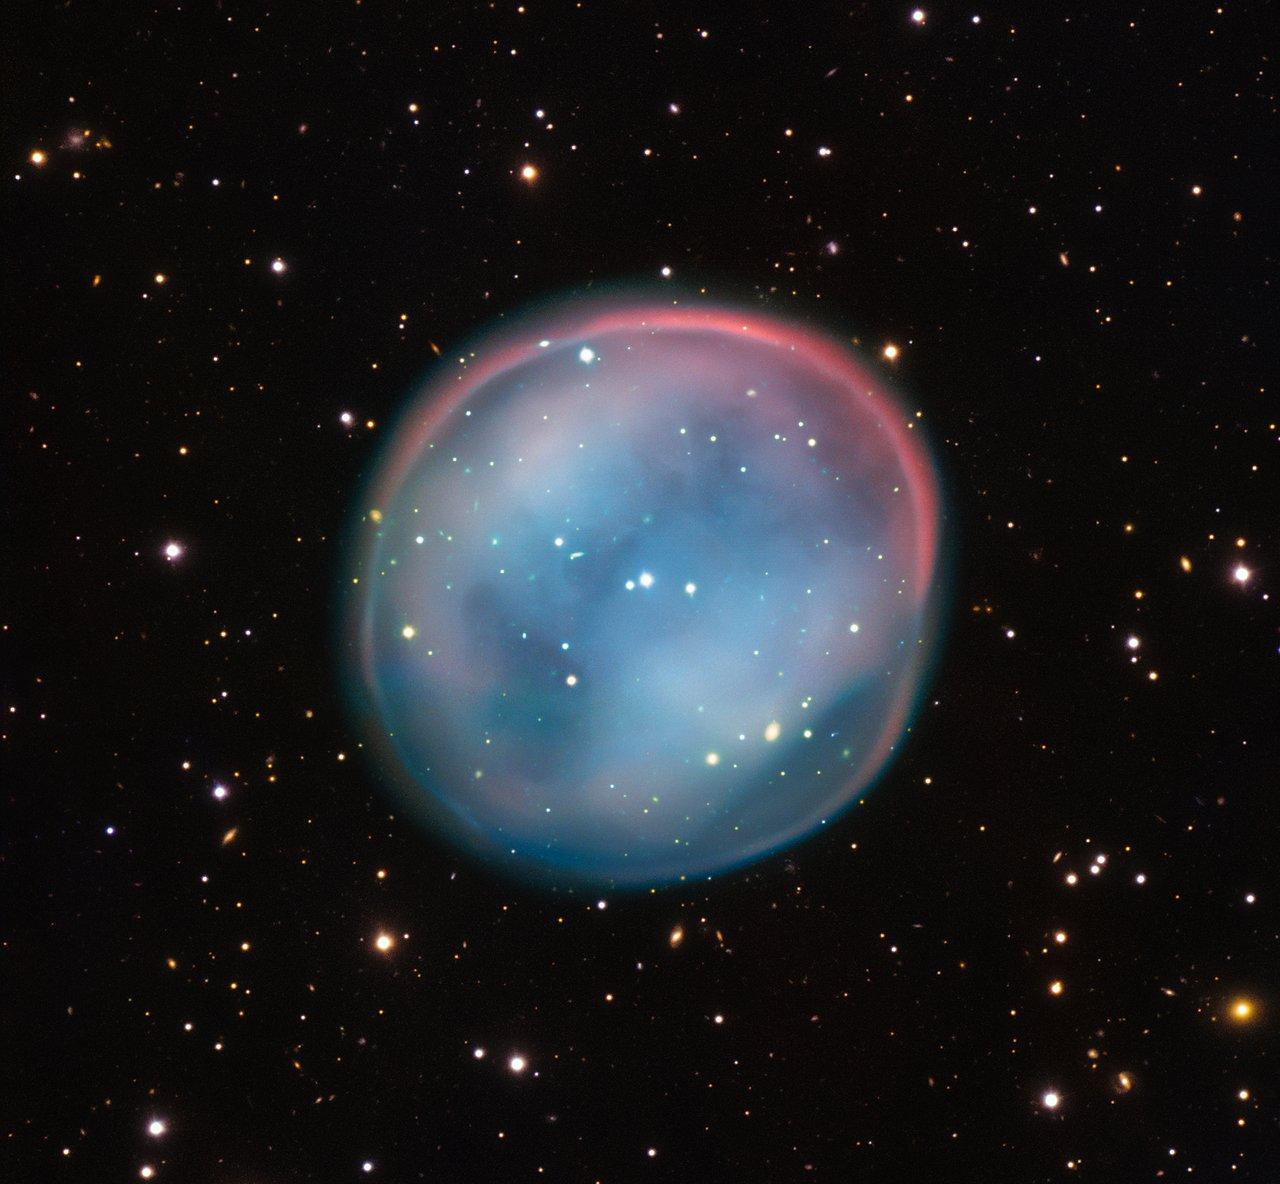 Esta extraordinaria burbuja, que brilla como el fantasma de una estrella en la inquietante oscuridad del espacio, puede parecer sobrenatural y misteriosa, pero es un objeto astronómico familiar: una nebulosa planetaria, los restos de una estrella moribunda. Esta es la mejor imagen obtenida hasta ahora de este objeto poco conocido, ESO 378-1, captada por el VLT (Very Large Telescope) de ESO desde el norte de Chile.